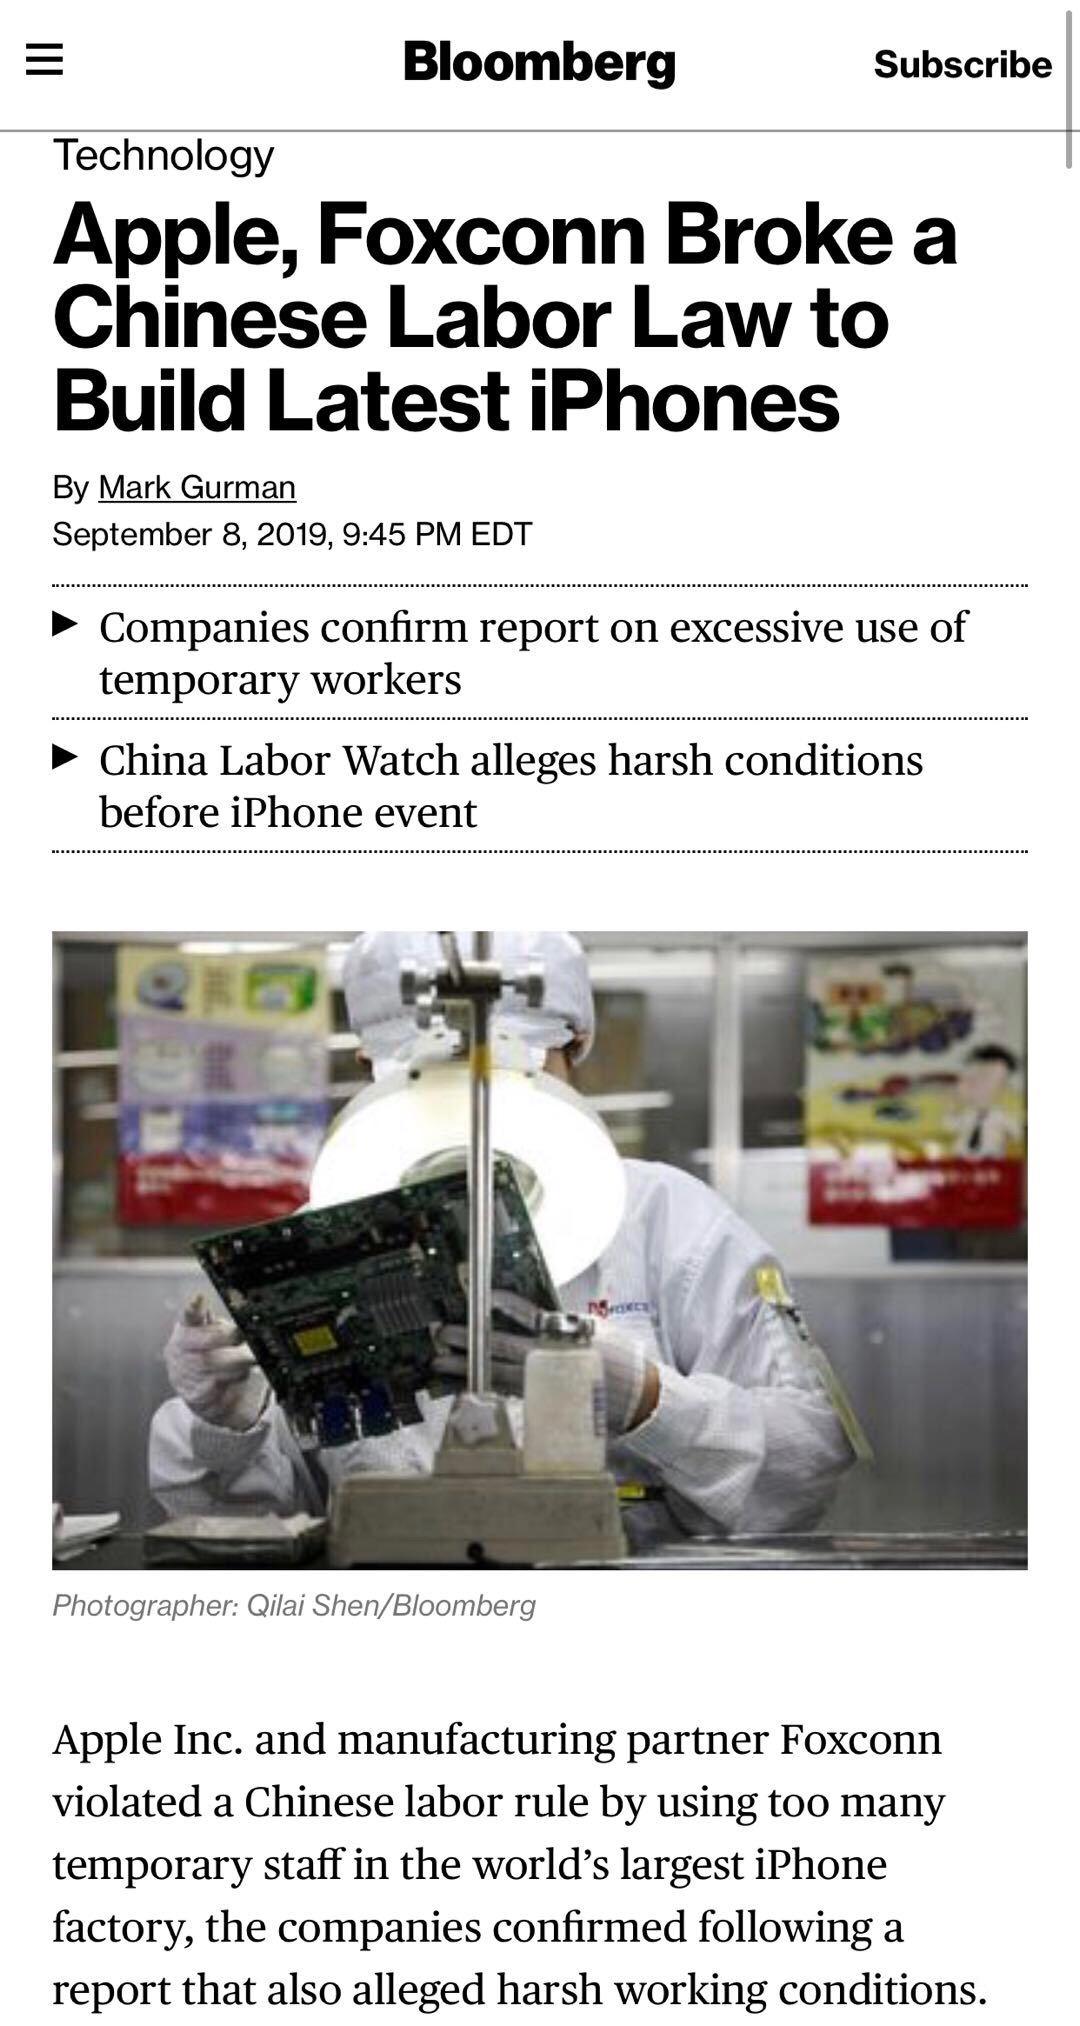 苹果承认违反中国劳动法 富士康部分员工每个月加班超100小时